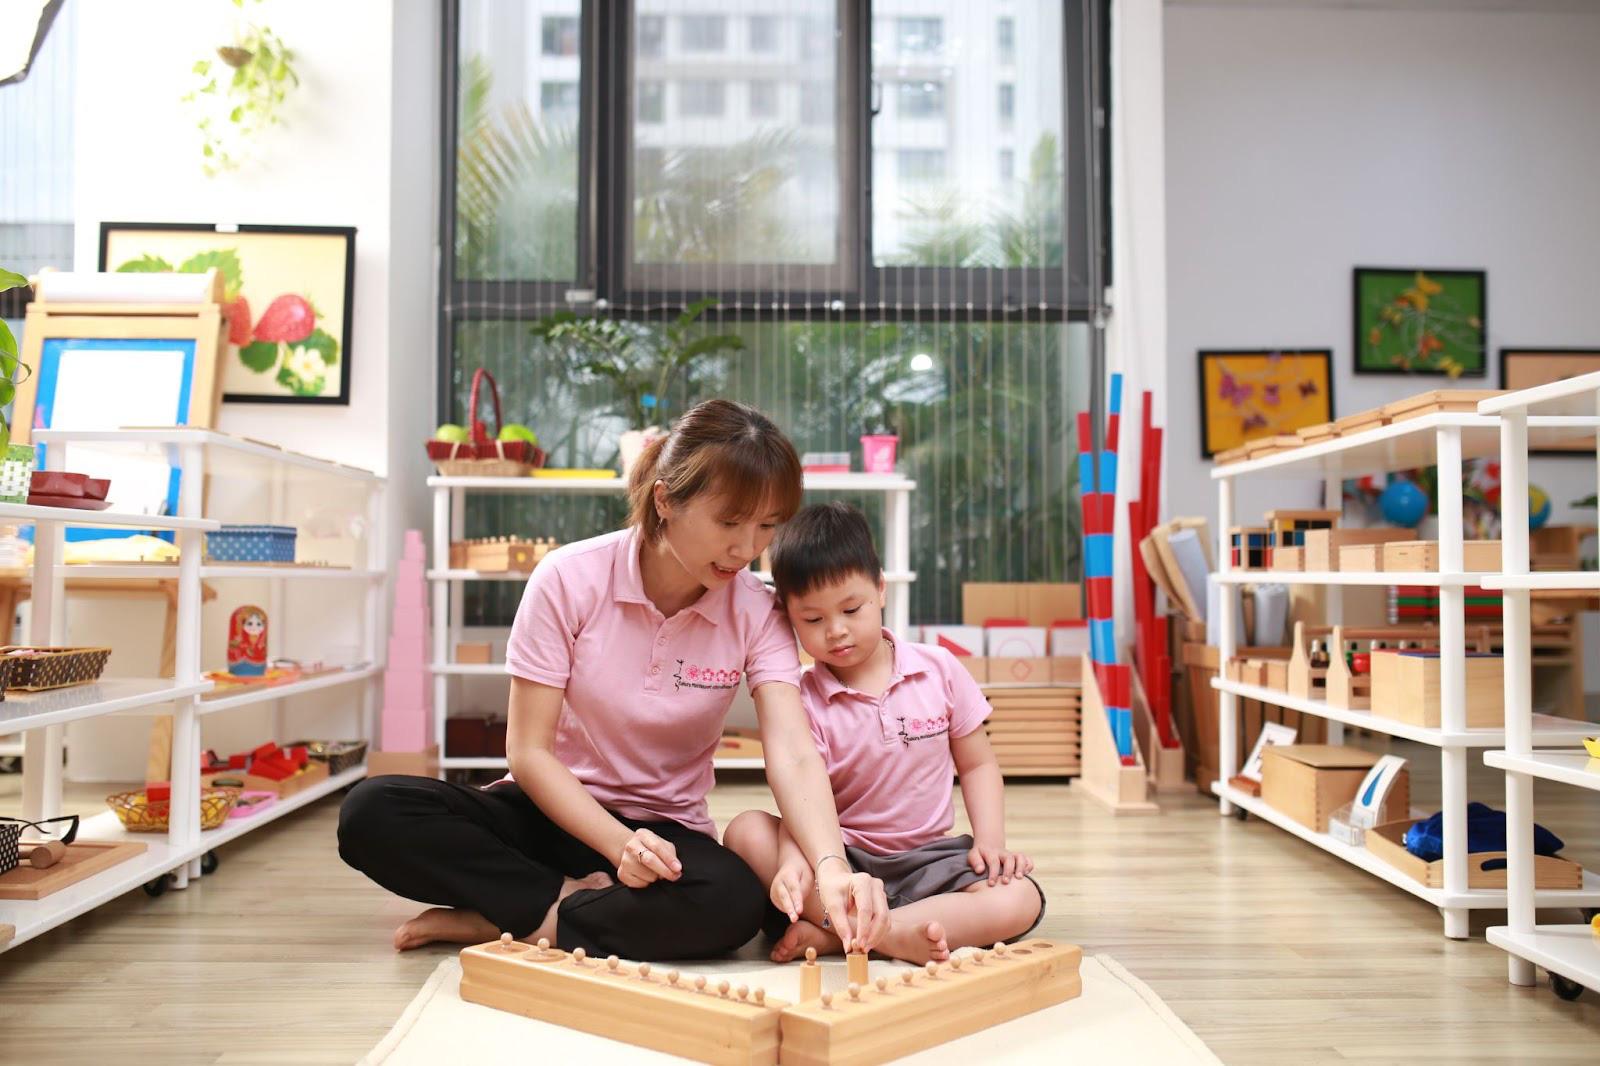 Học phí từ 3 - 5 triệu, chọn trường mầm non Montessori nào chất lượng cho con tại Nam Từ Liêm - Ảnh 3.